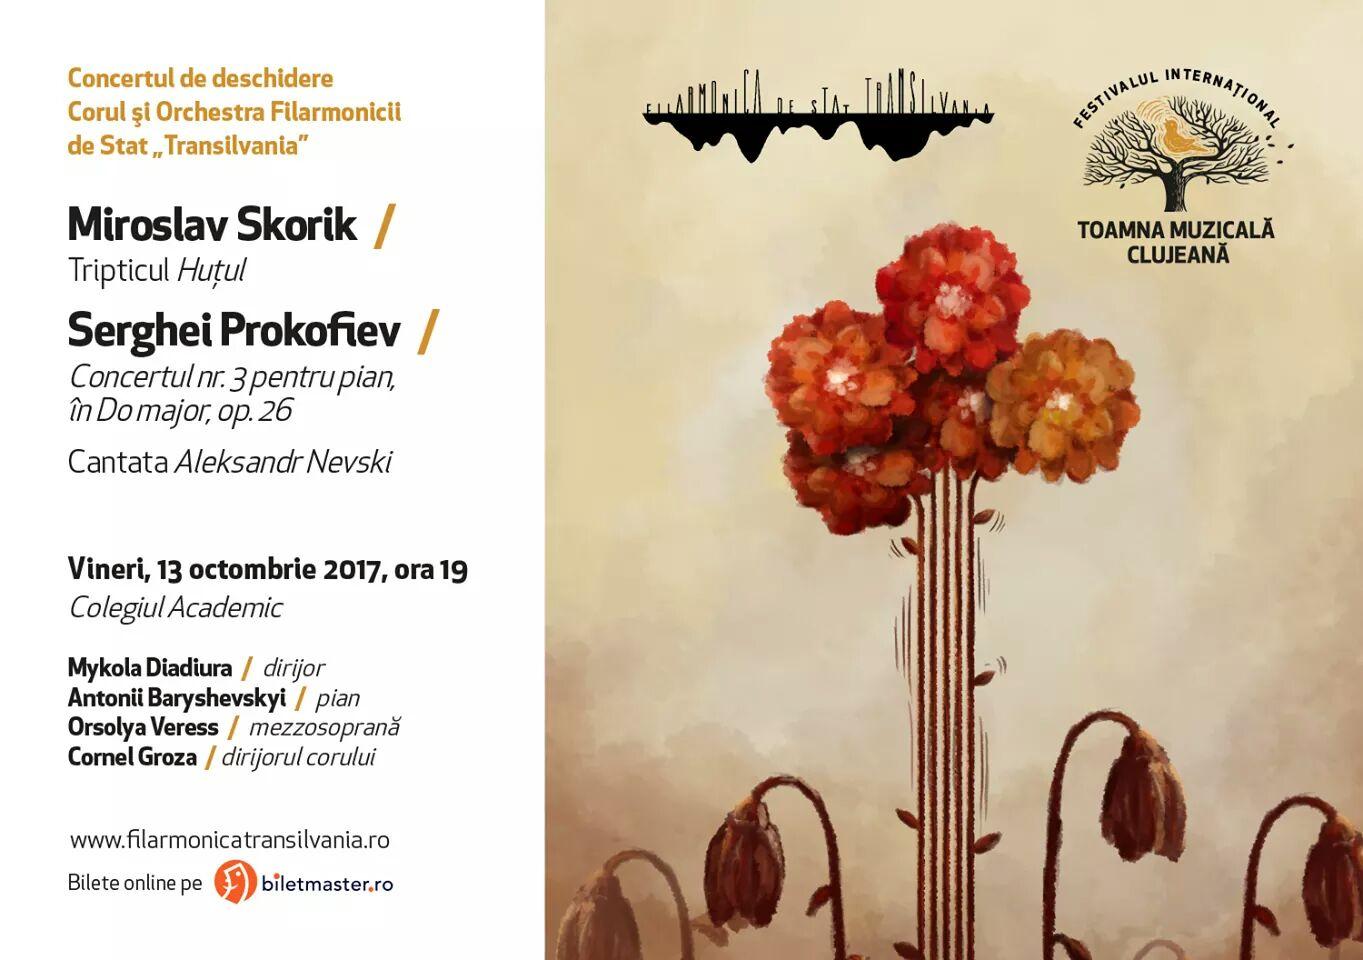 Concert de deschidere a festivalului Toamna Muzicală Clujeană – ediția a 51-a